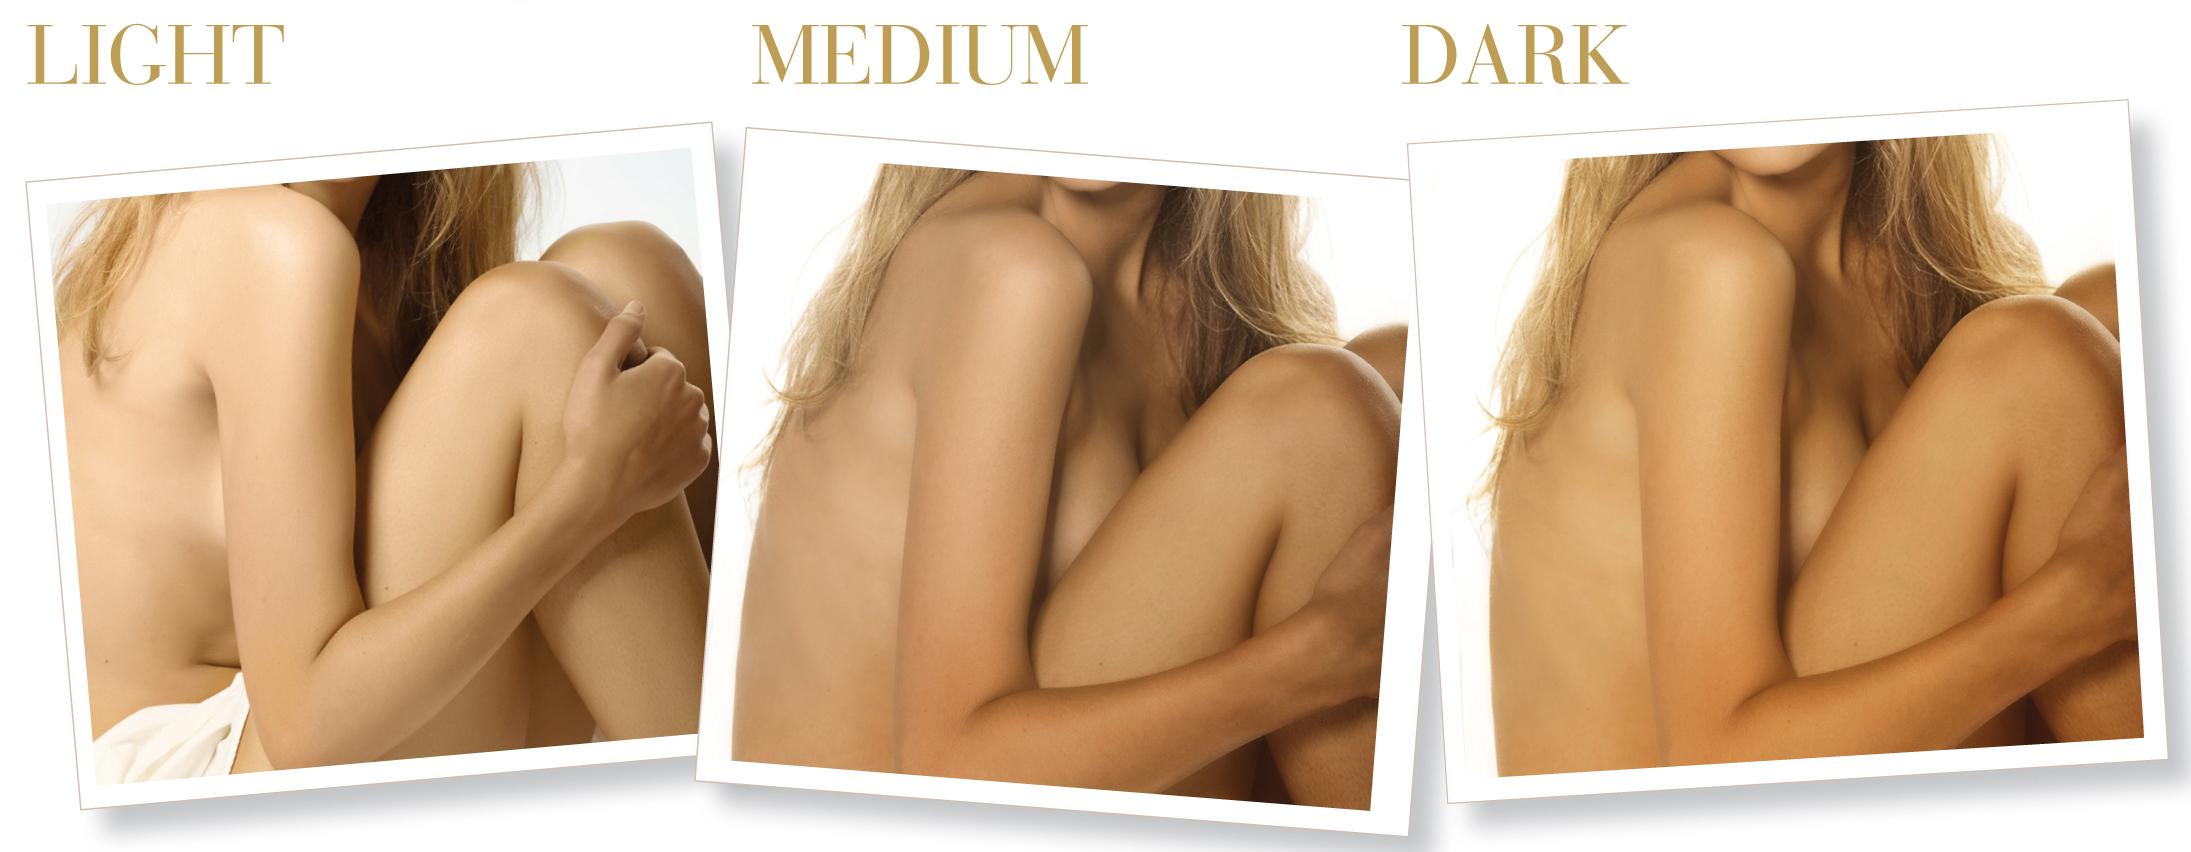 nijanse u airbrush potamnjivanju kože